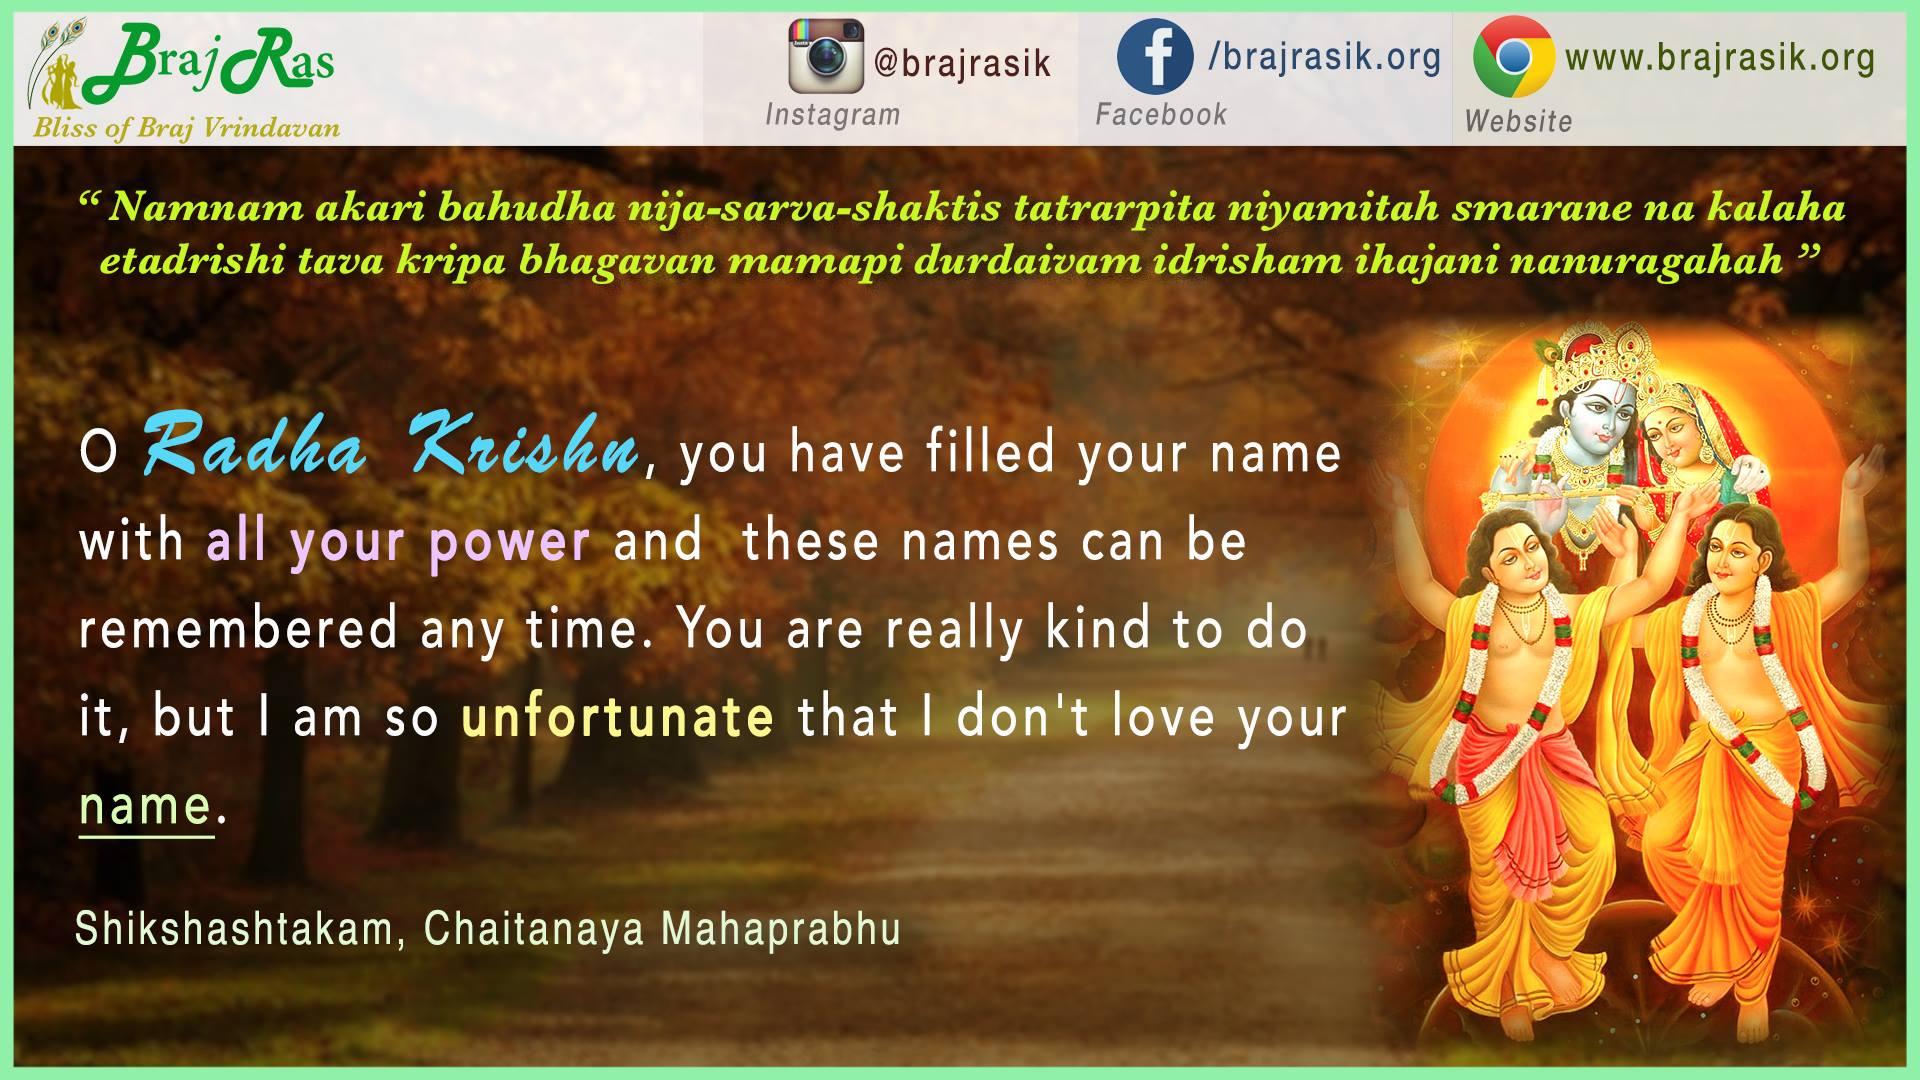 Namnam akari bahudha - Chaitanya Mahaprabhu, Shikshatakam